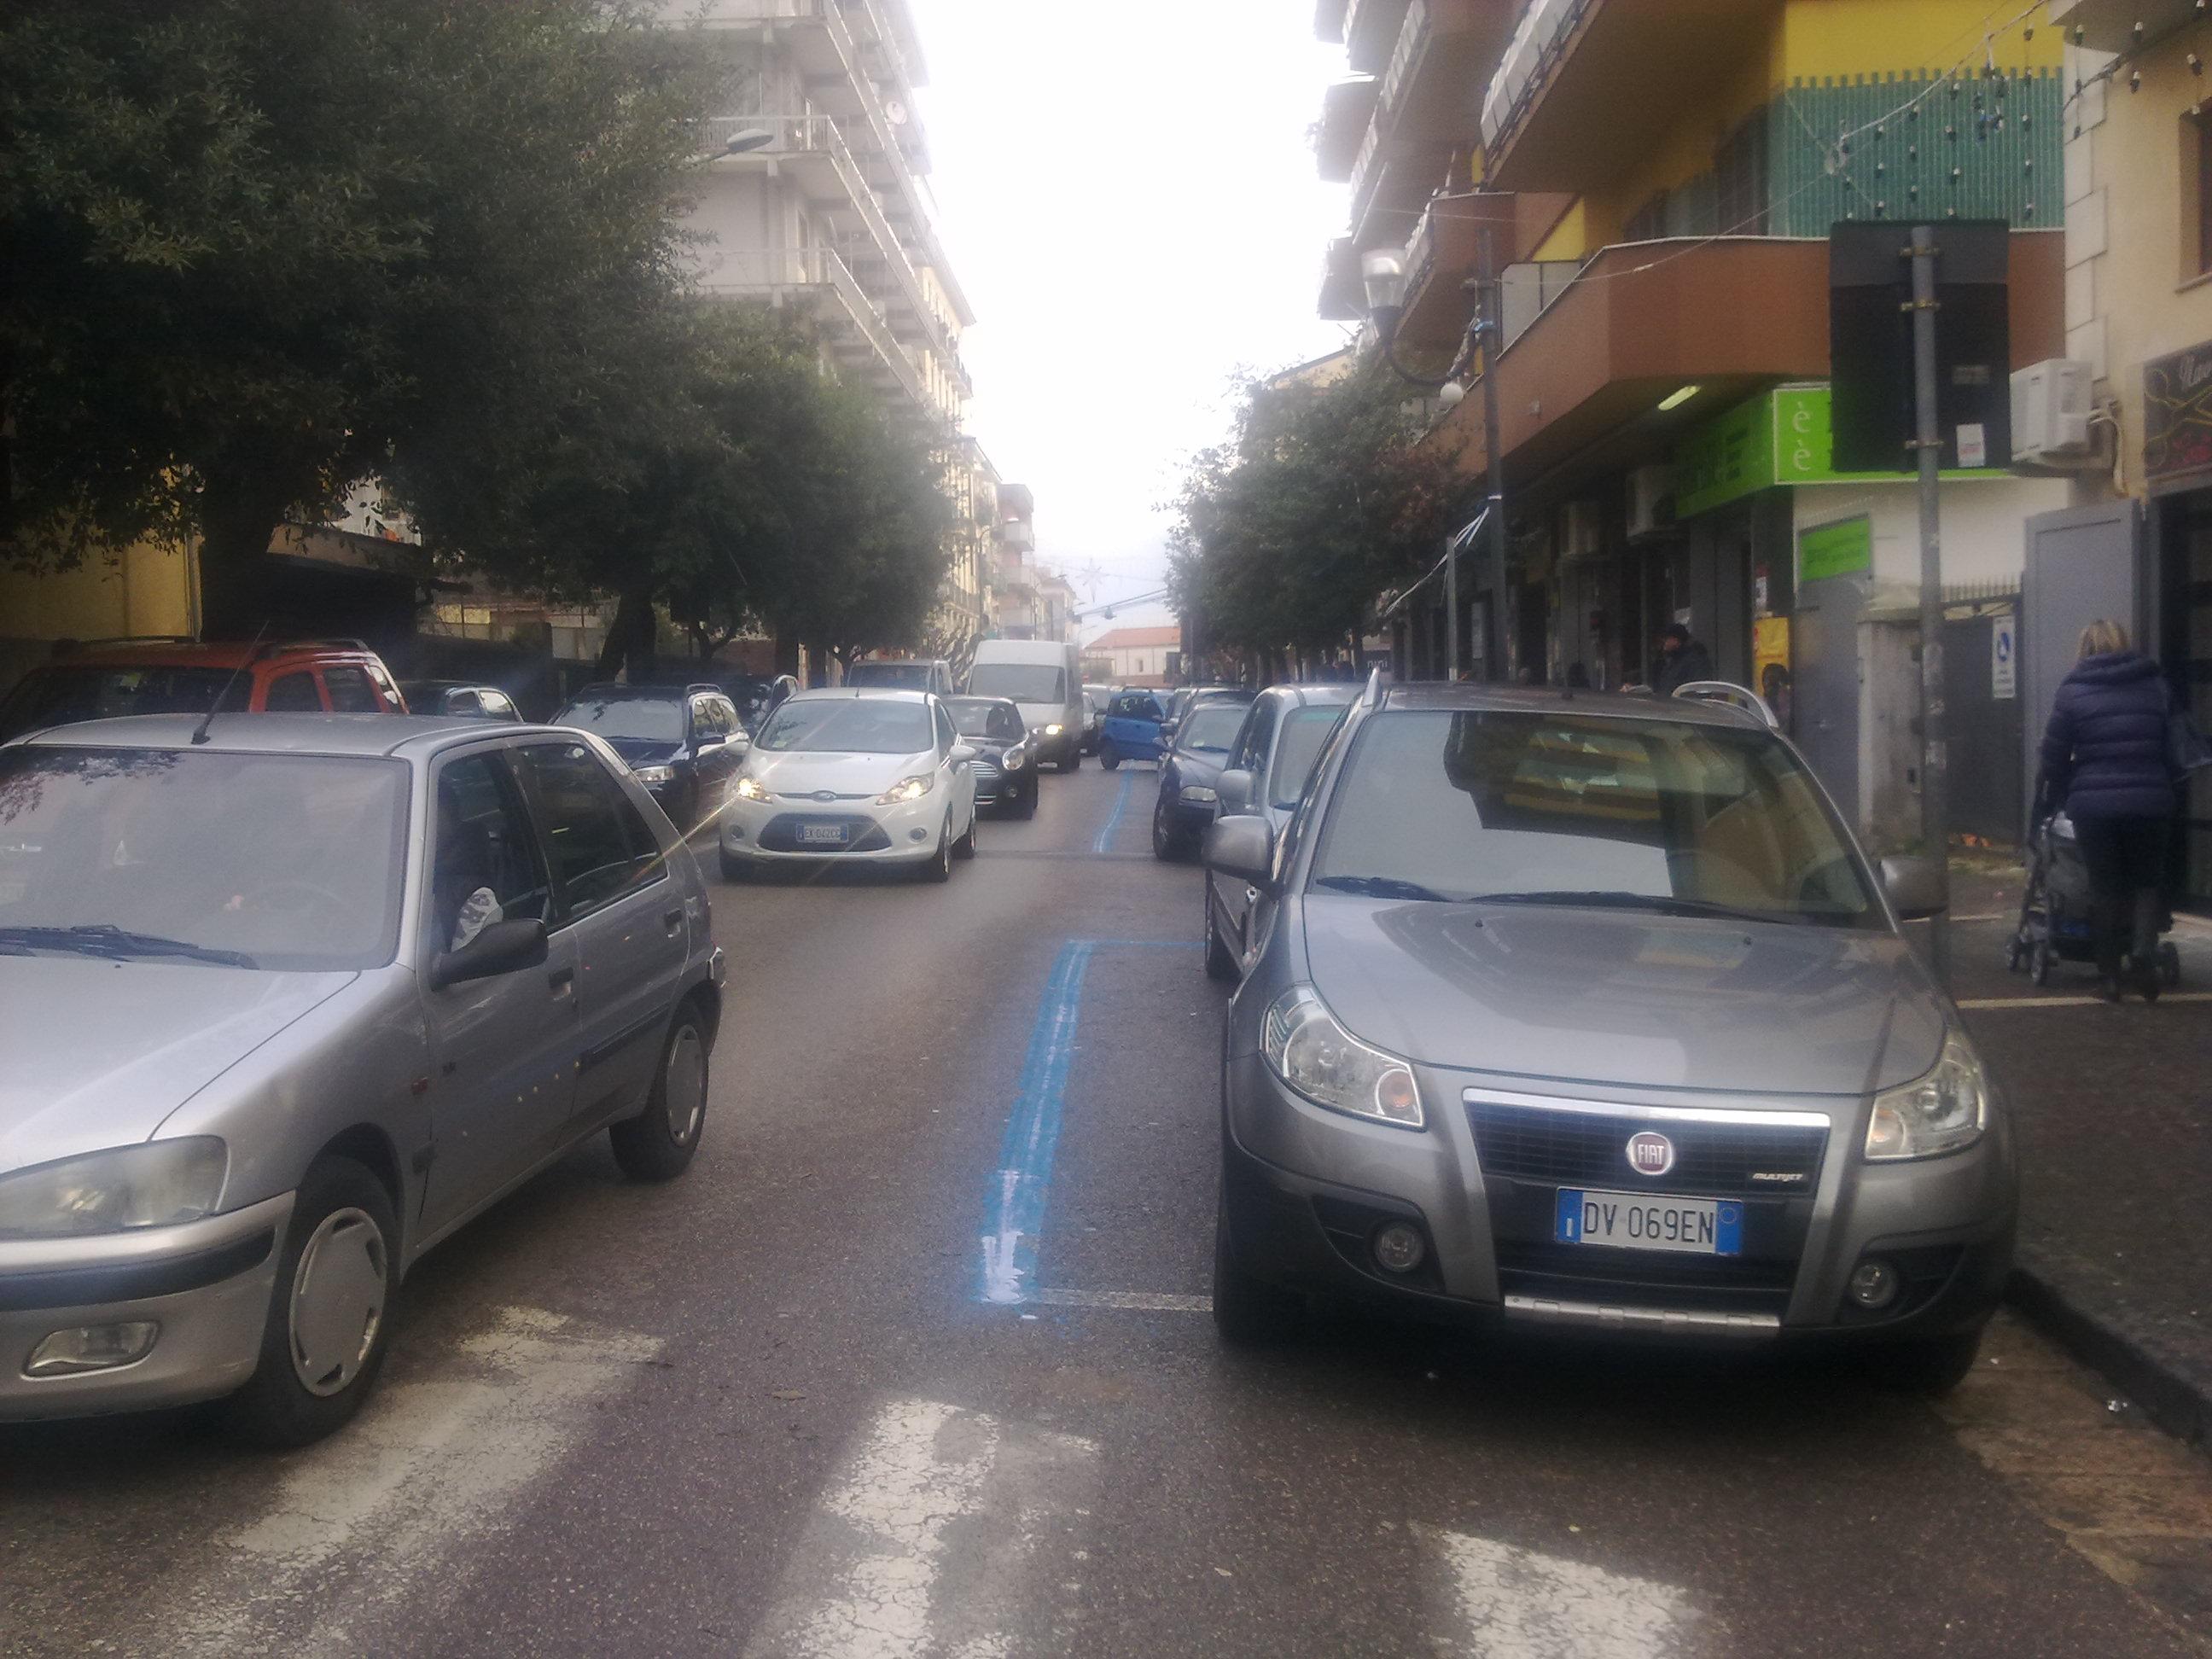 Dipingere Strisce Parcheggio : Come si disegna a terra il simbolo del parcheggio per disabili